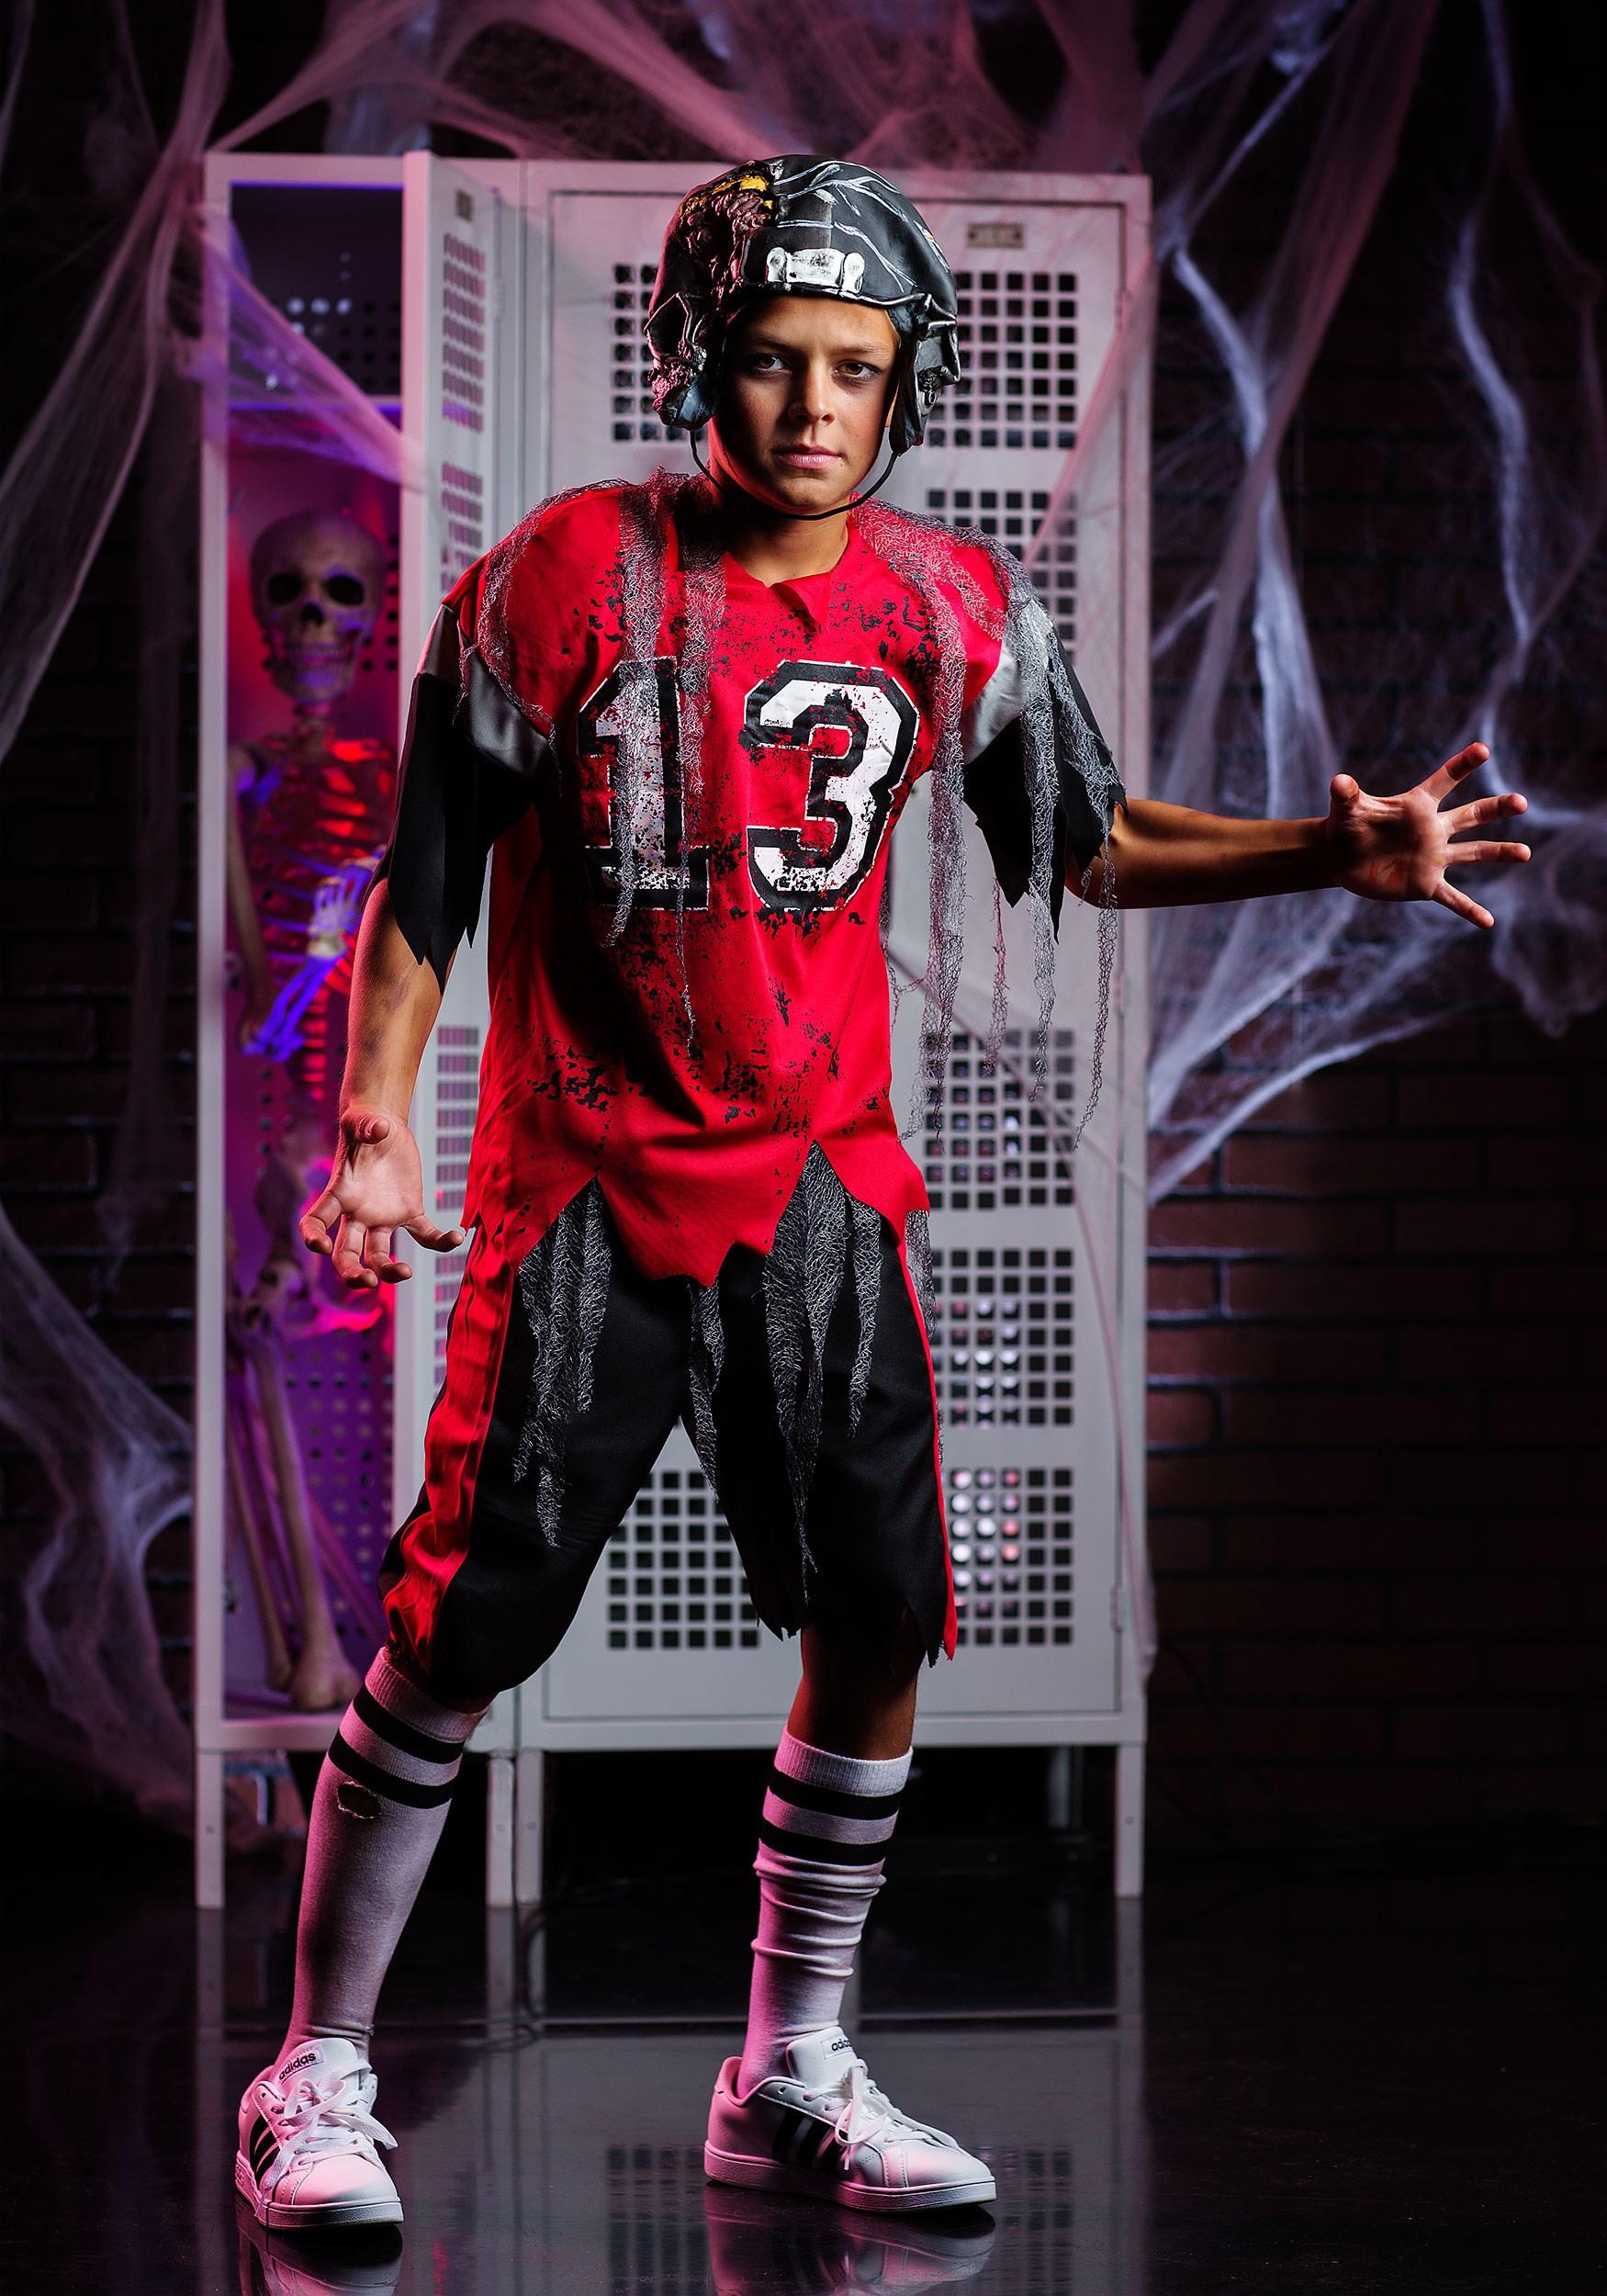 Костюм зомби на хэллоуин для мальчика своими руками